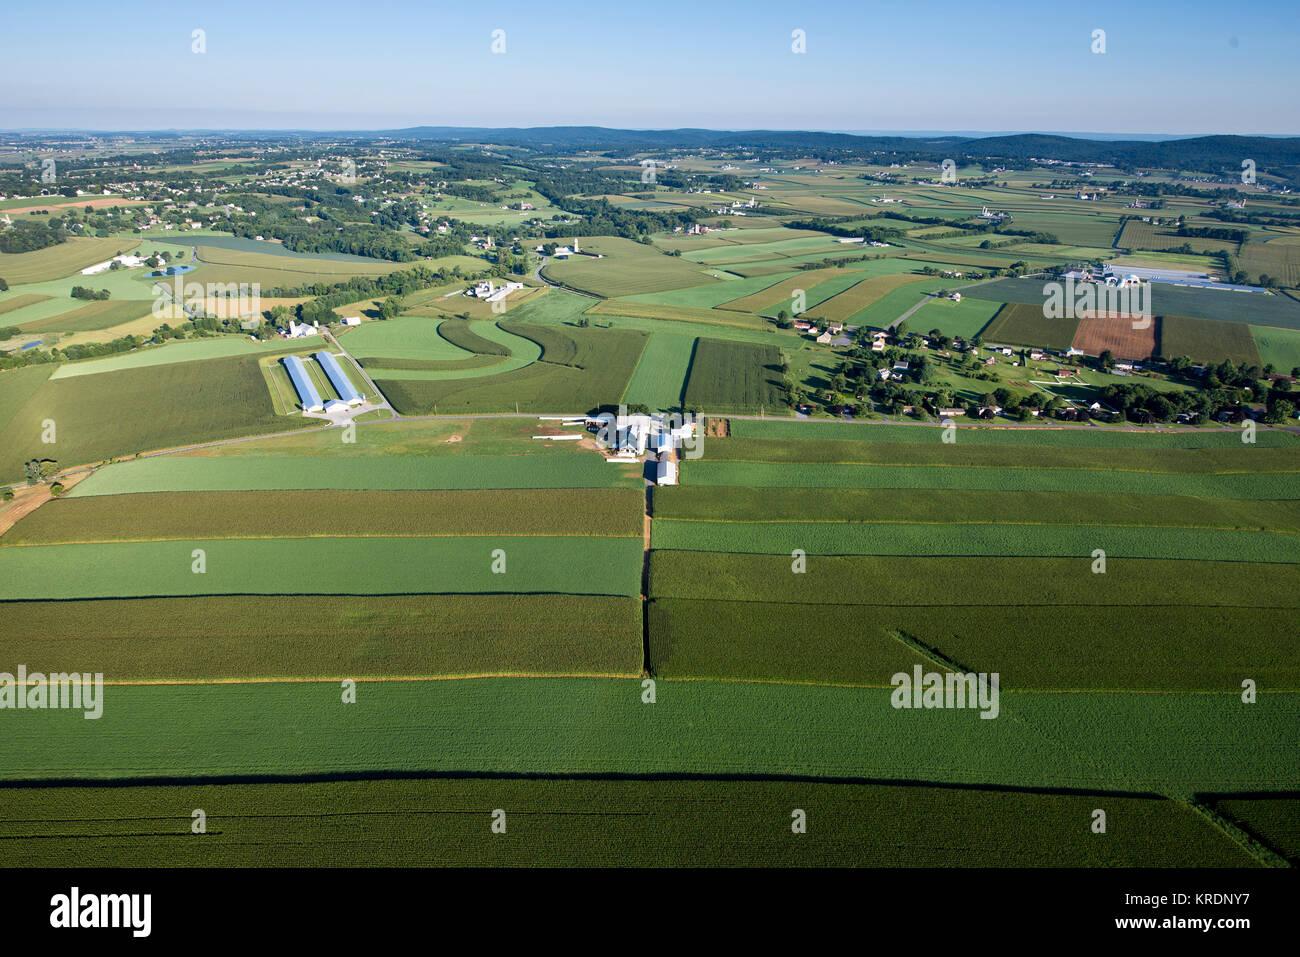 Luftaufnahme von KONTUR FELDERN UND Best Management Practices, LANCASTER PENNSYLVANIA Stockbild